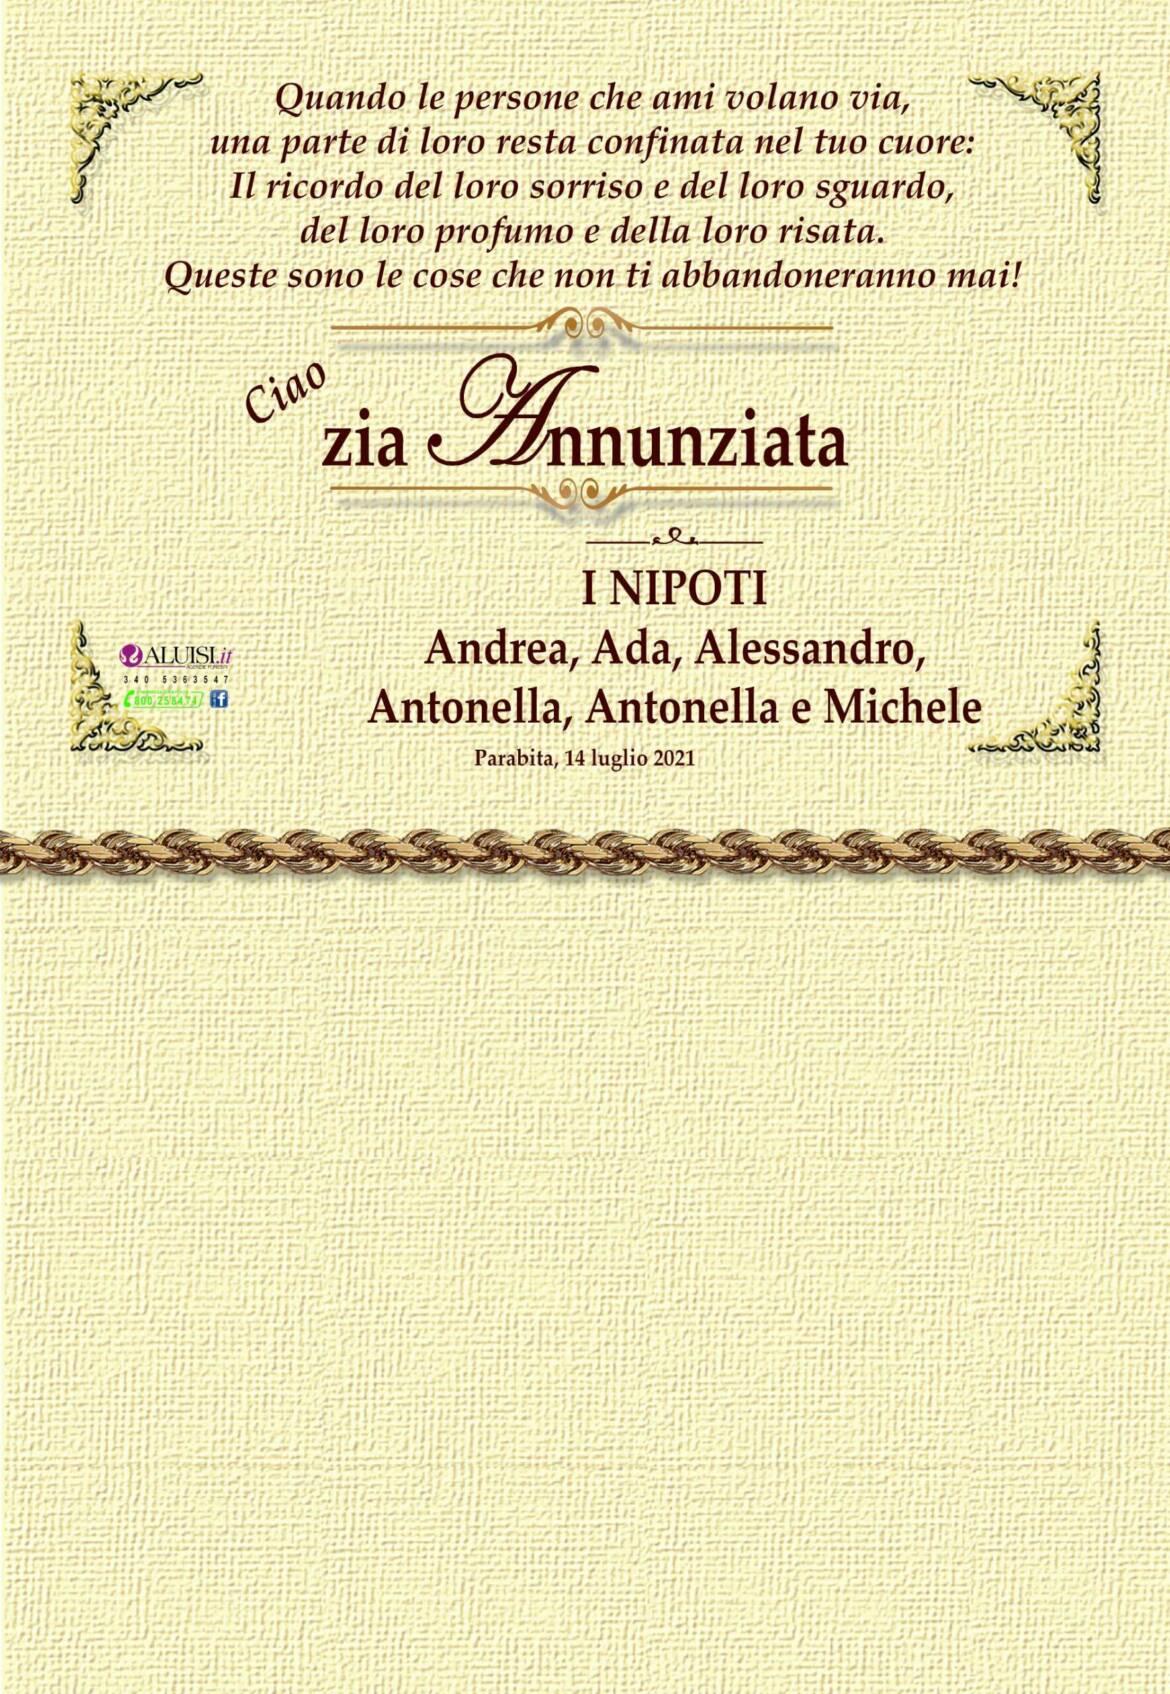 PARTECIPAZIONE-ANNUNZIATA-LEOPIZZI-PARABITA-4-scaled.jpg